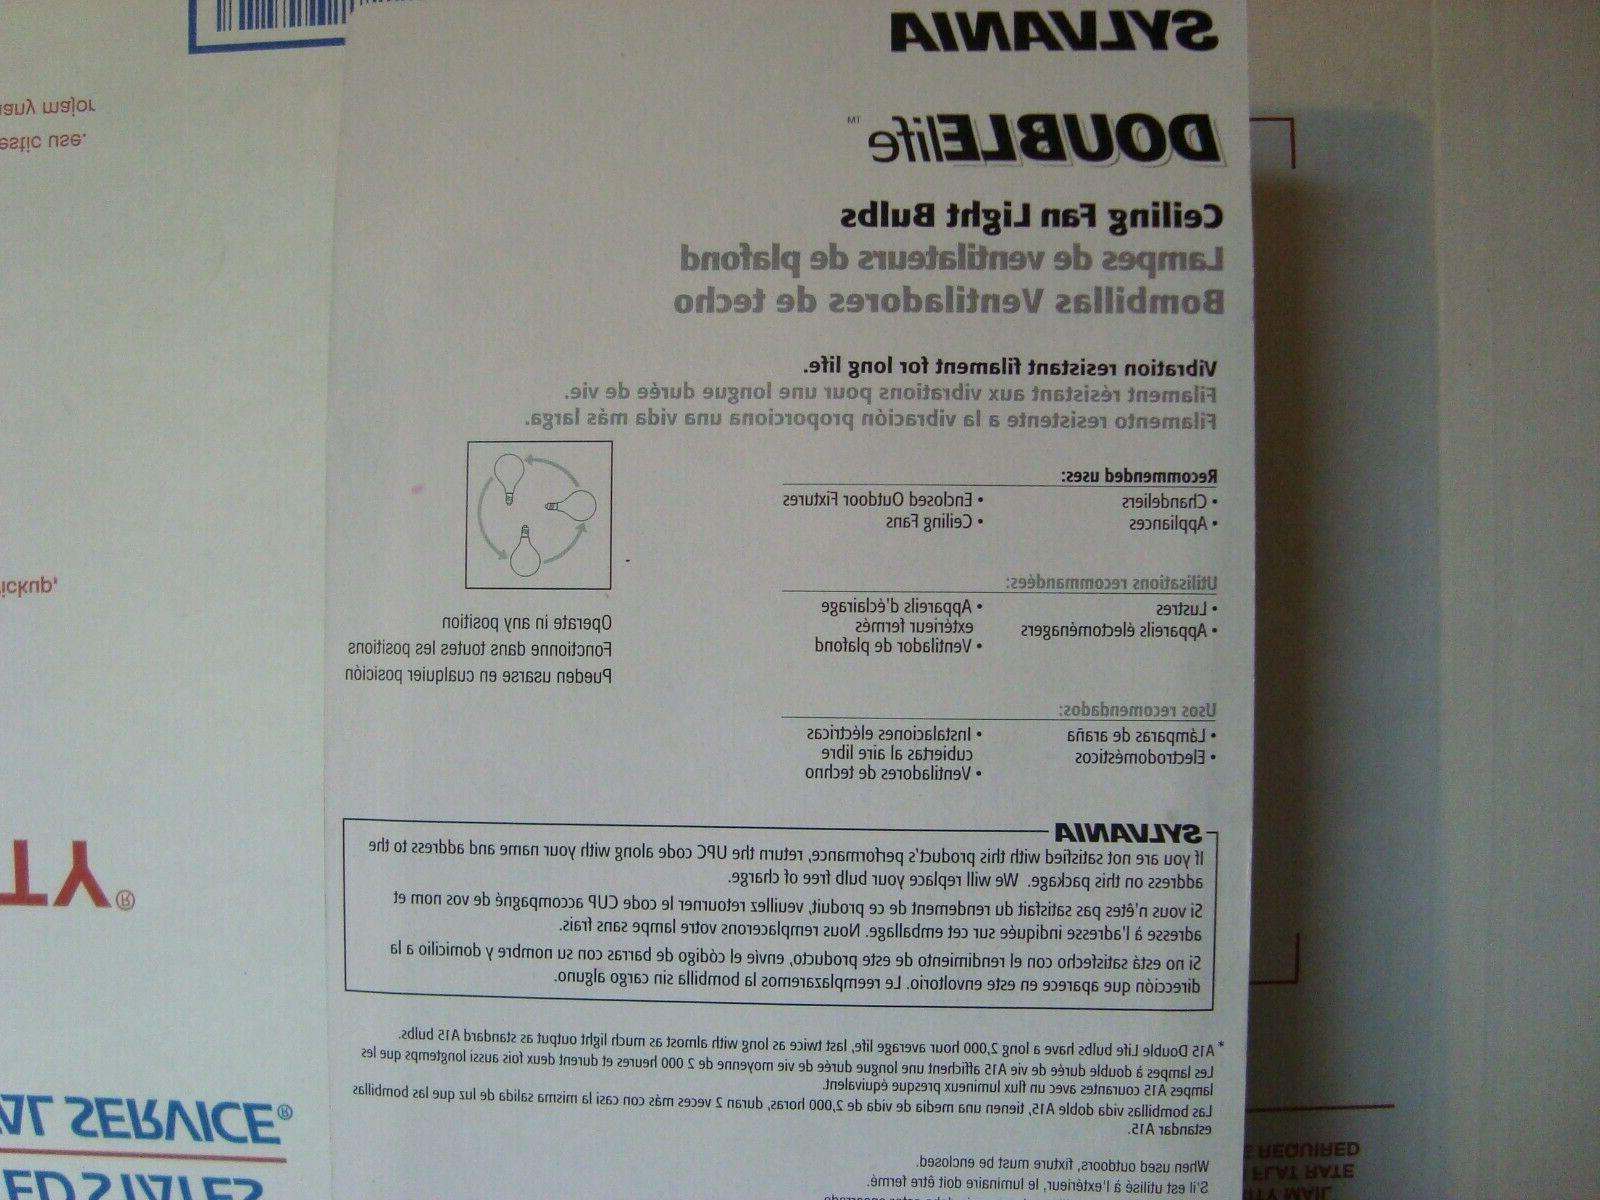 3x SYLVANIA A15 2x Life Small Socket 4-Pk Appliance/Fans